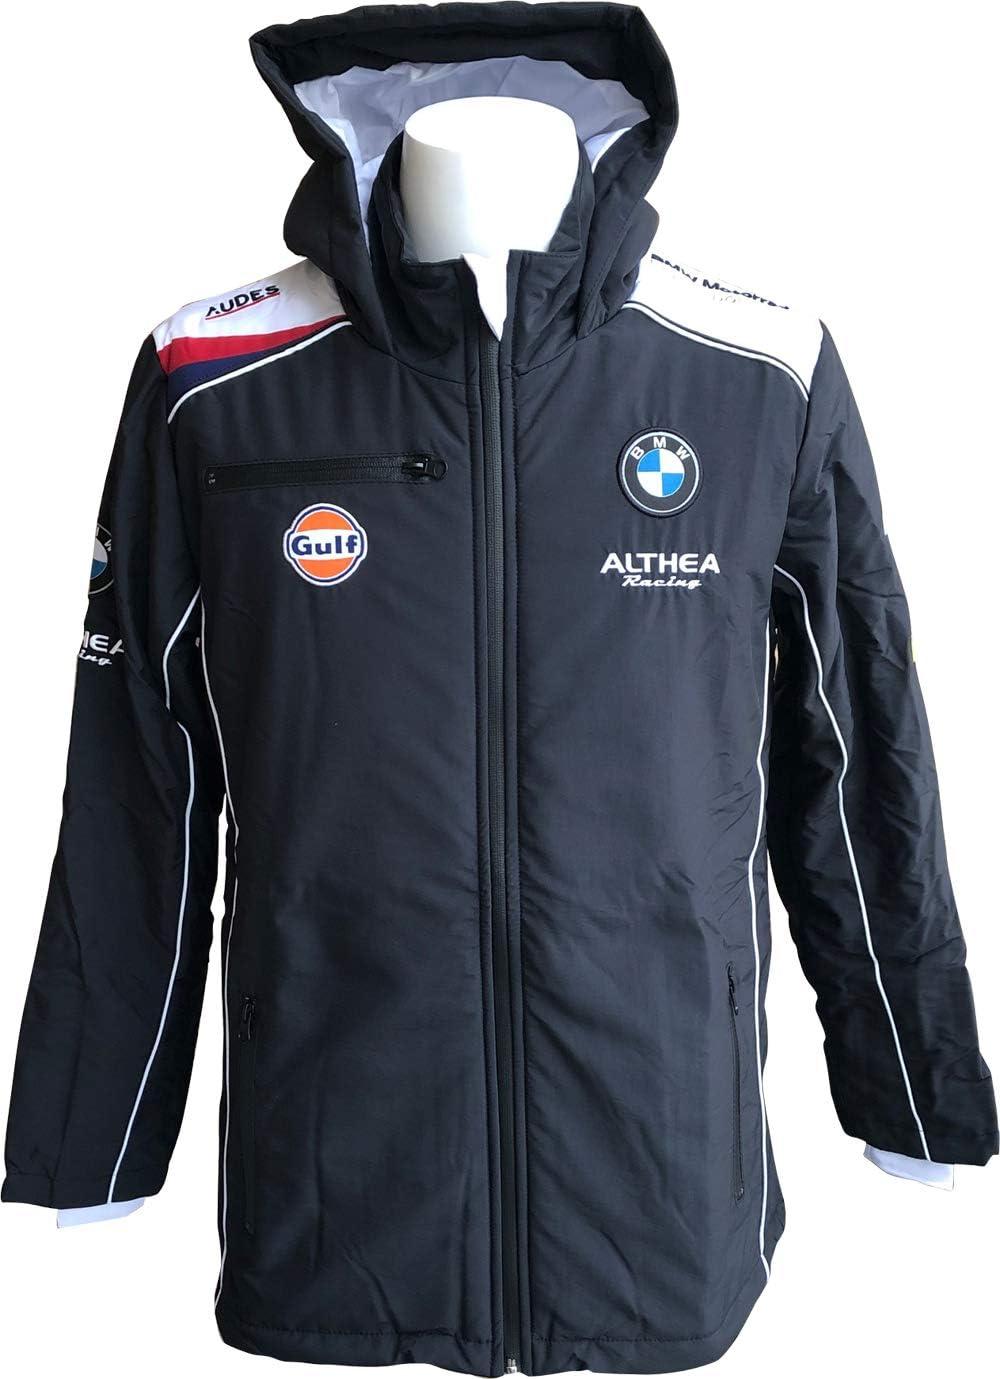 [ BMW ] Althea Gulf BMW ガルフ モータースポーツ オフィシャル フーデッドジャケット  Medium